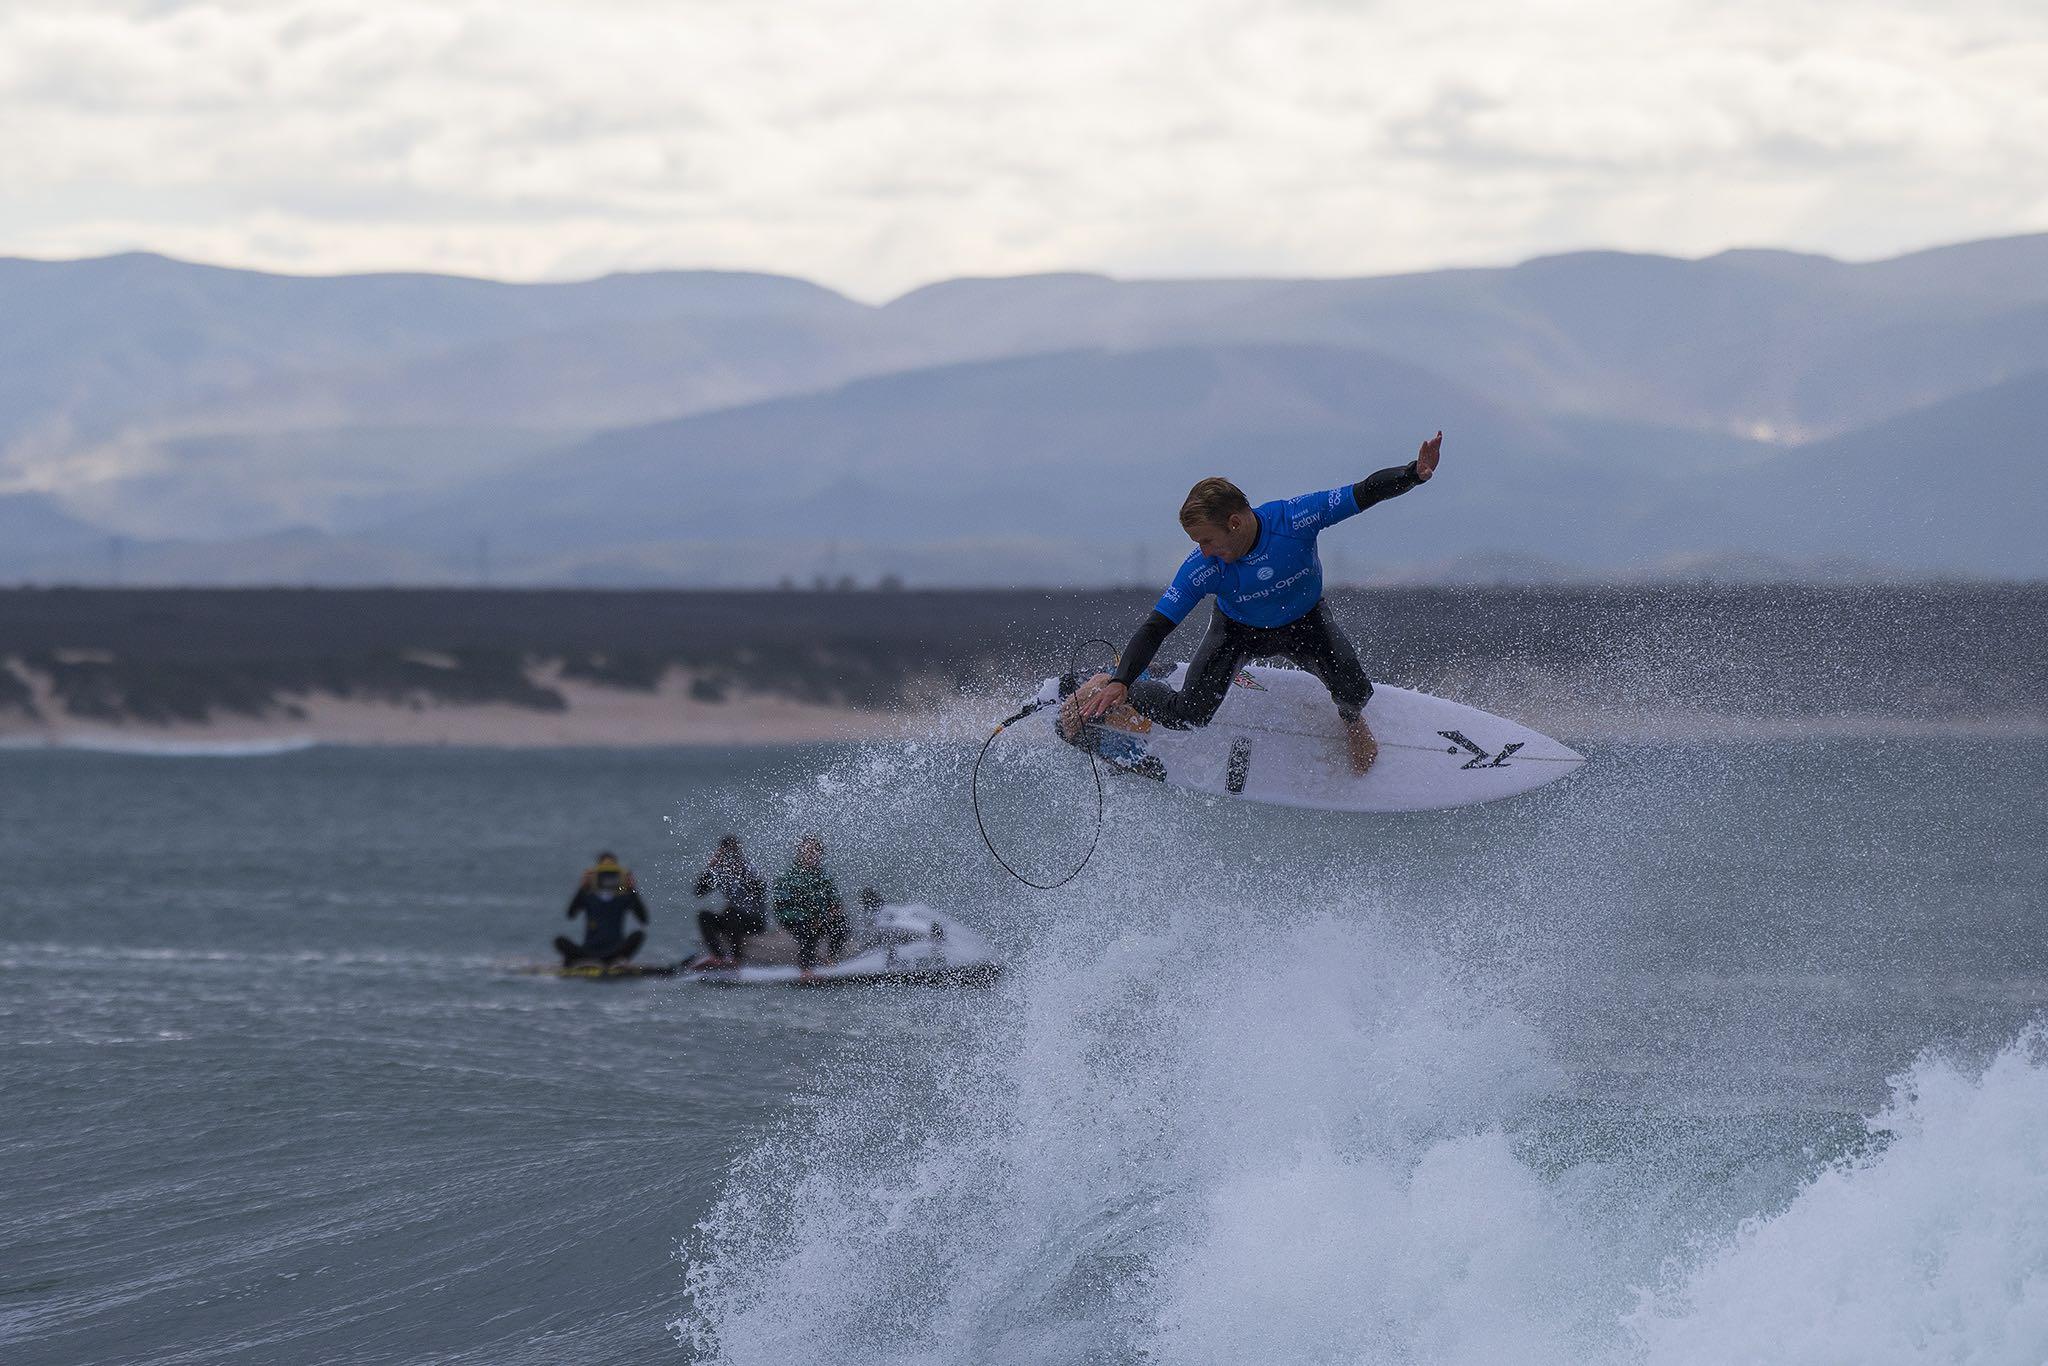 Josh Kerr surfing in the 2016 J-Bay Open